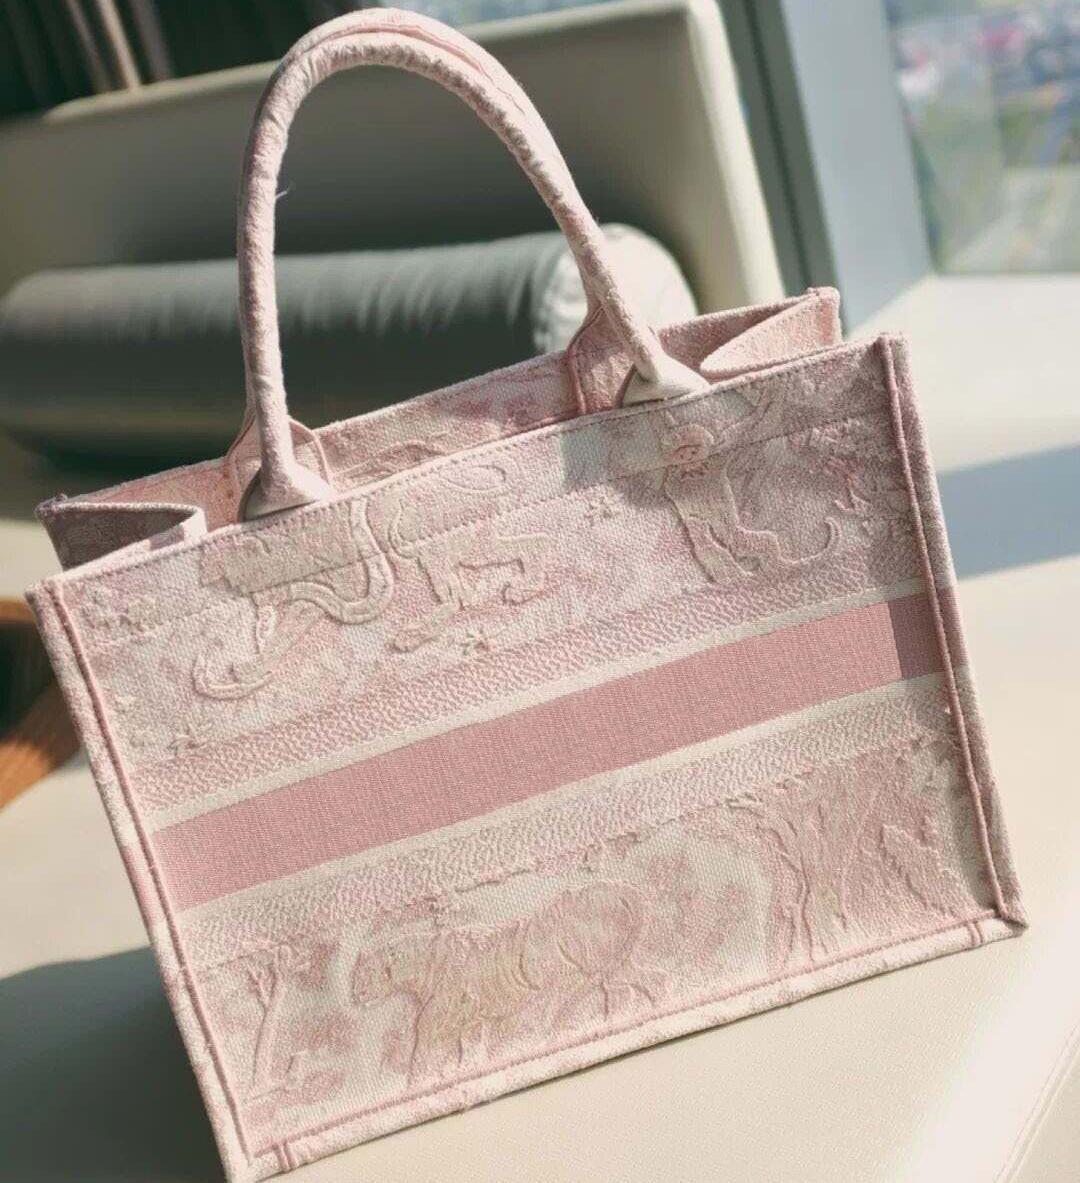 2020 neu gestickte Tiger Muster Große Kapazität Luxus große Marke Einkaufstasche Handtasche Handtasche Handgemachte doppelseitige Blume